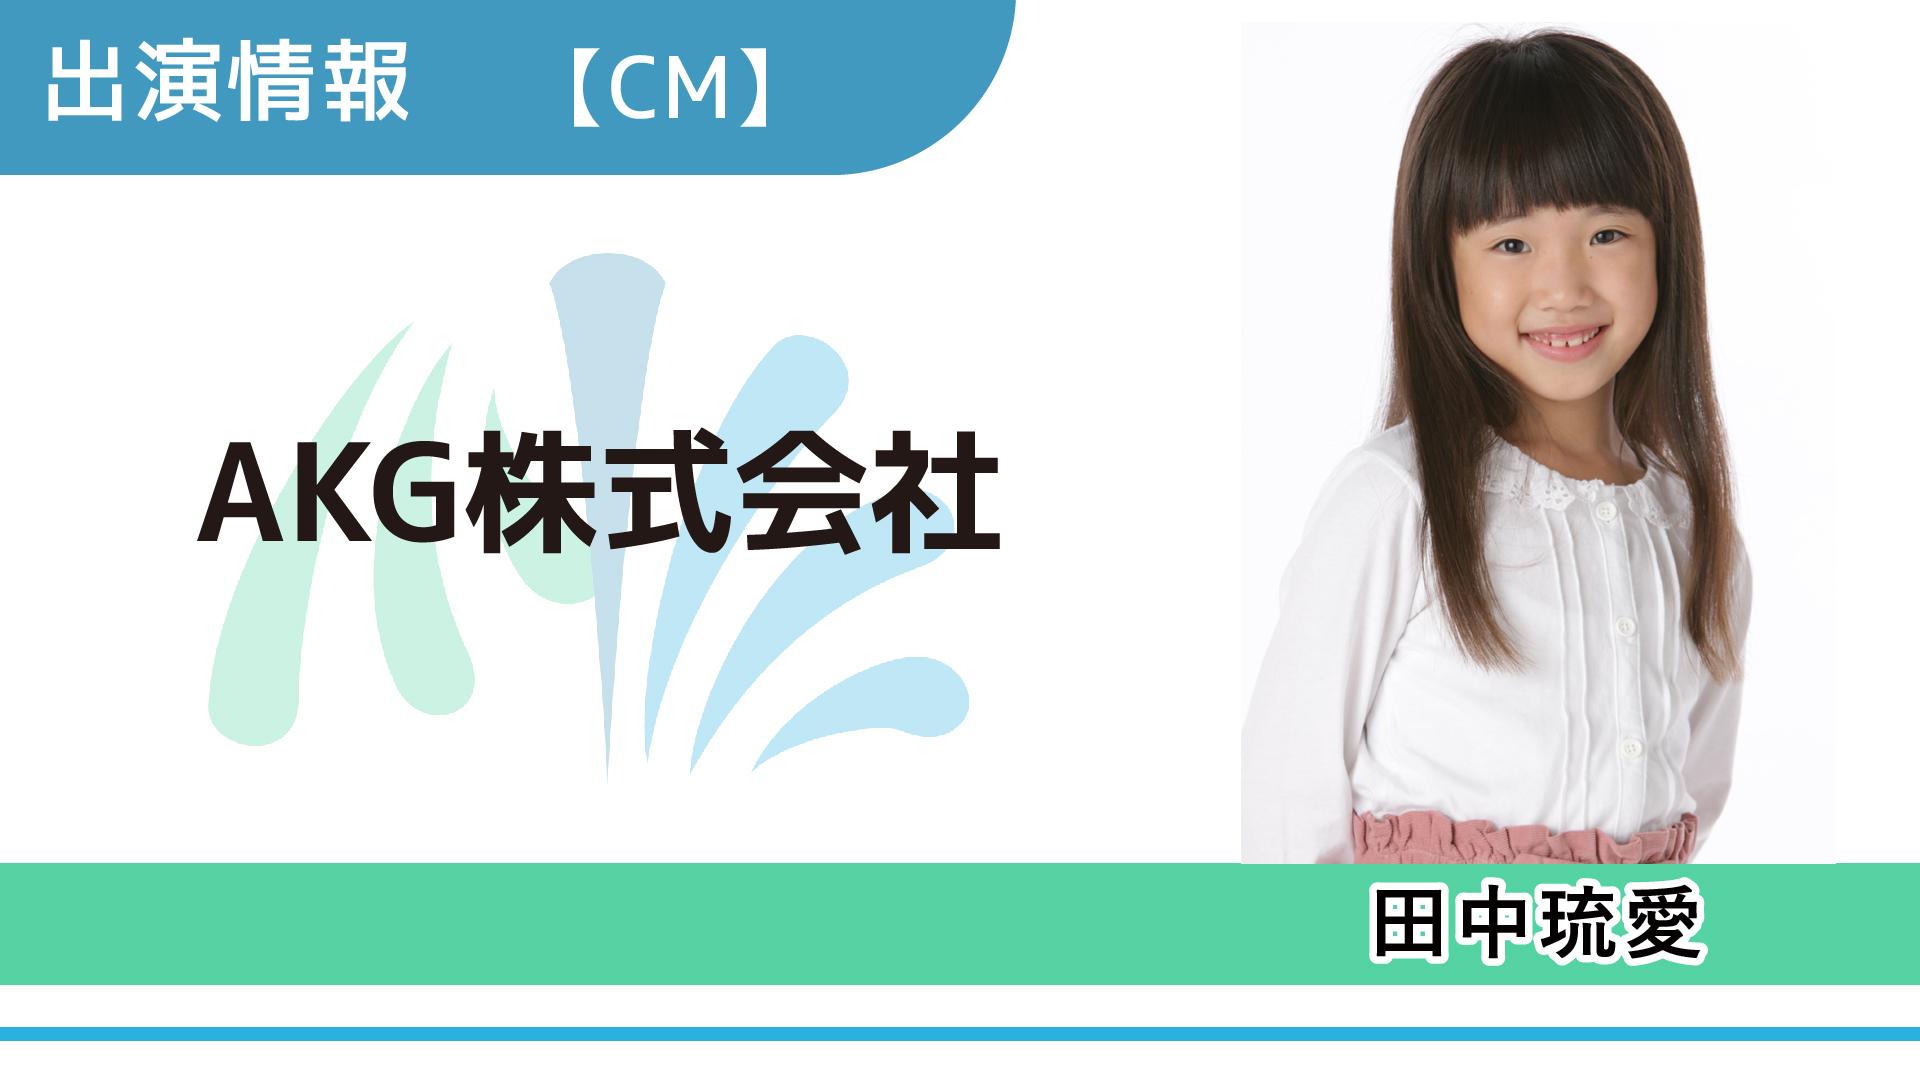 【出演情報】田中琉愛 / 「AKG株式会社」TV-CM出演